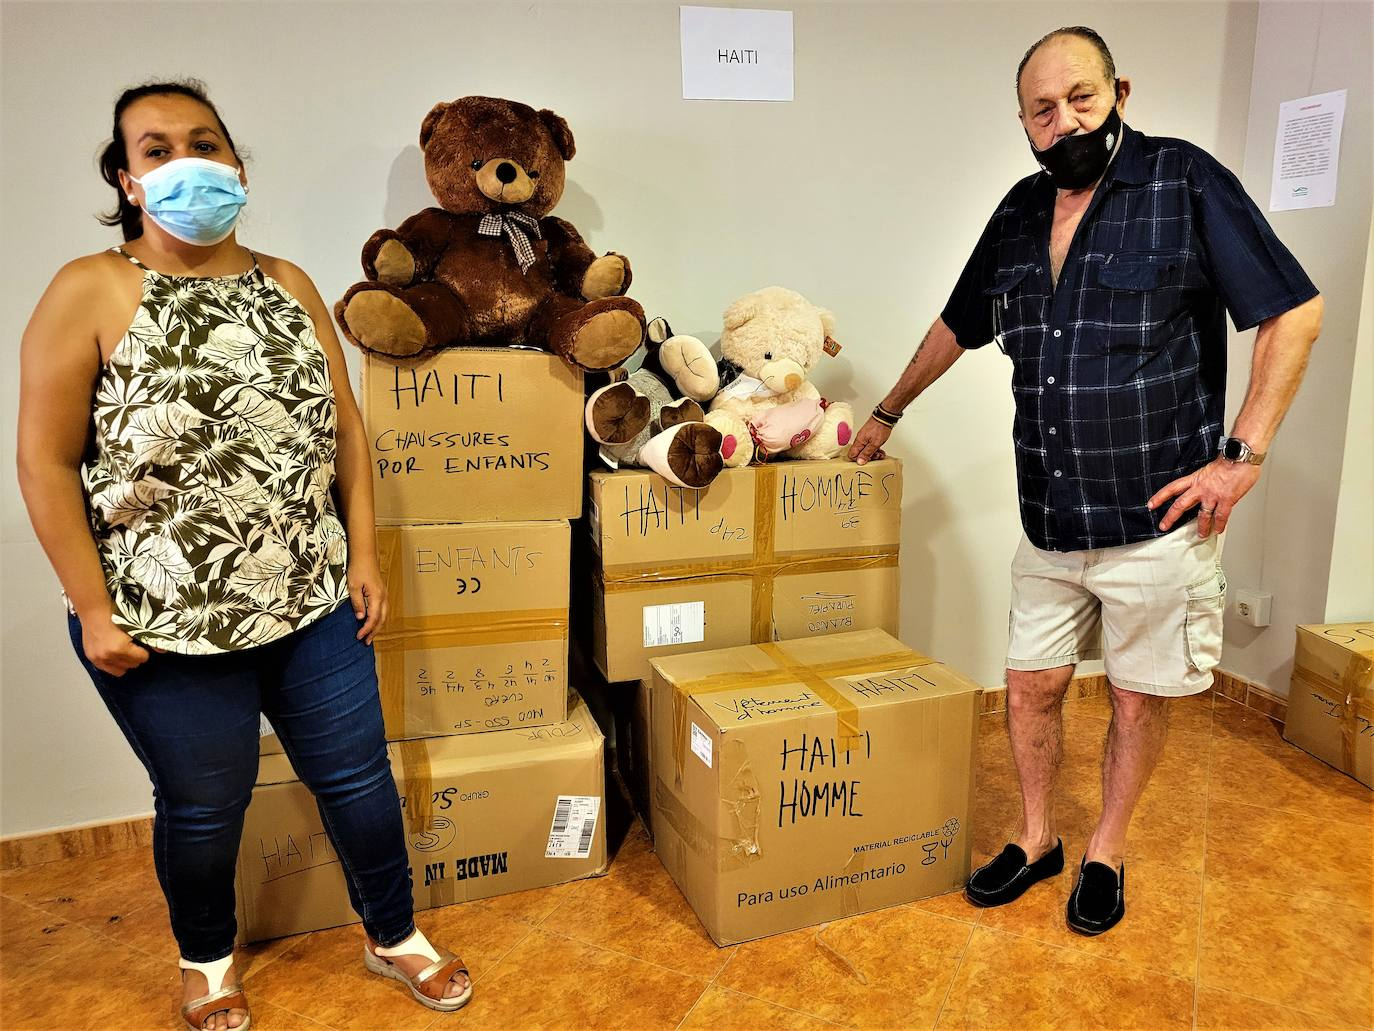 La asociación VAS Andújar emprende una campaña humanitaria de apoyo a Haití